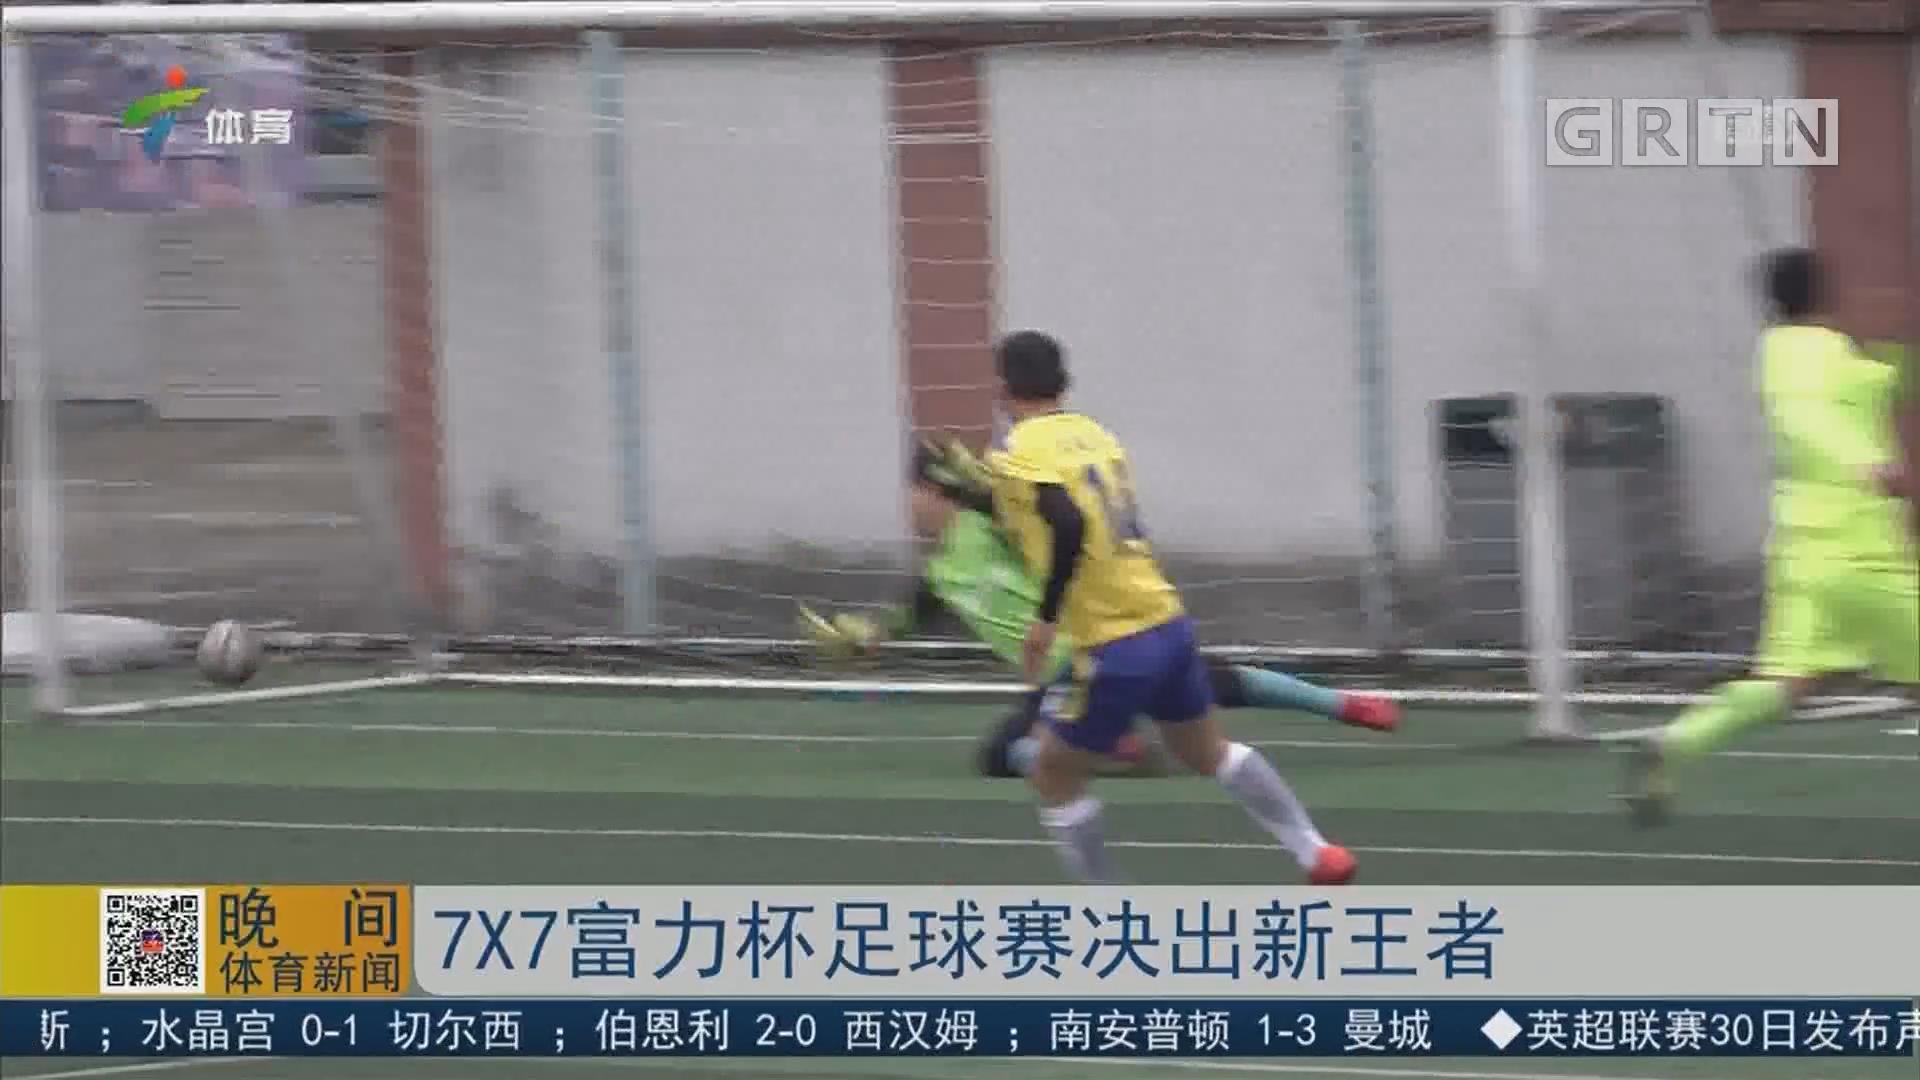 7X7富力杯足球赛决出新王者